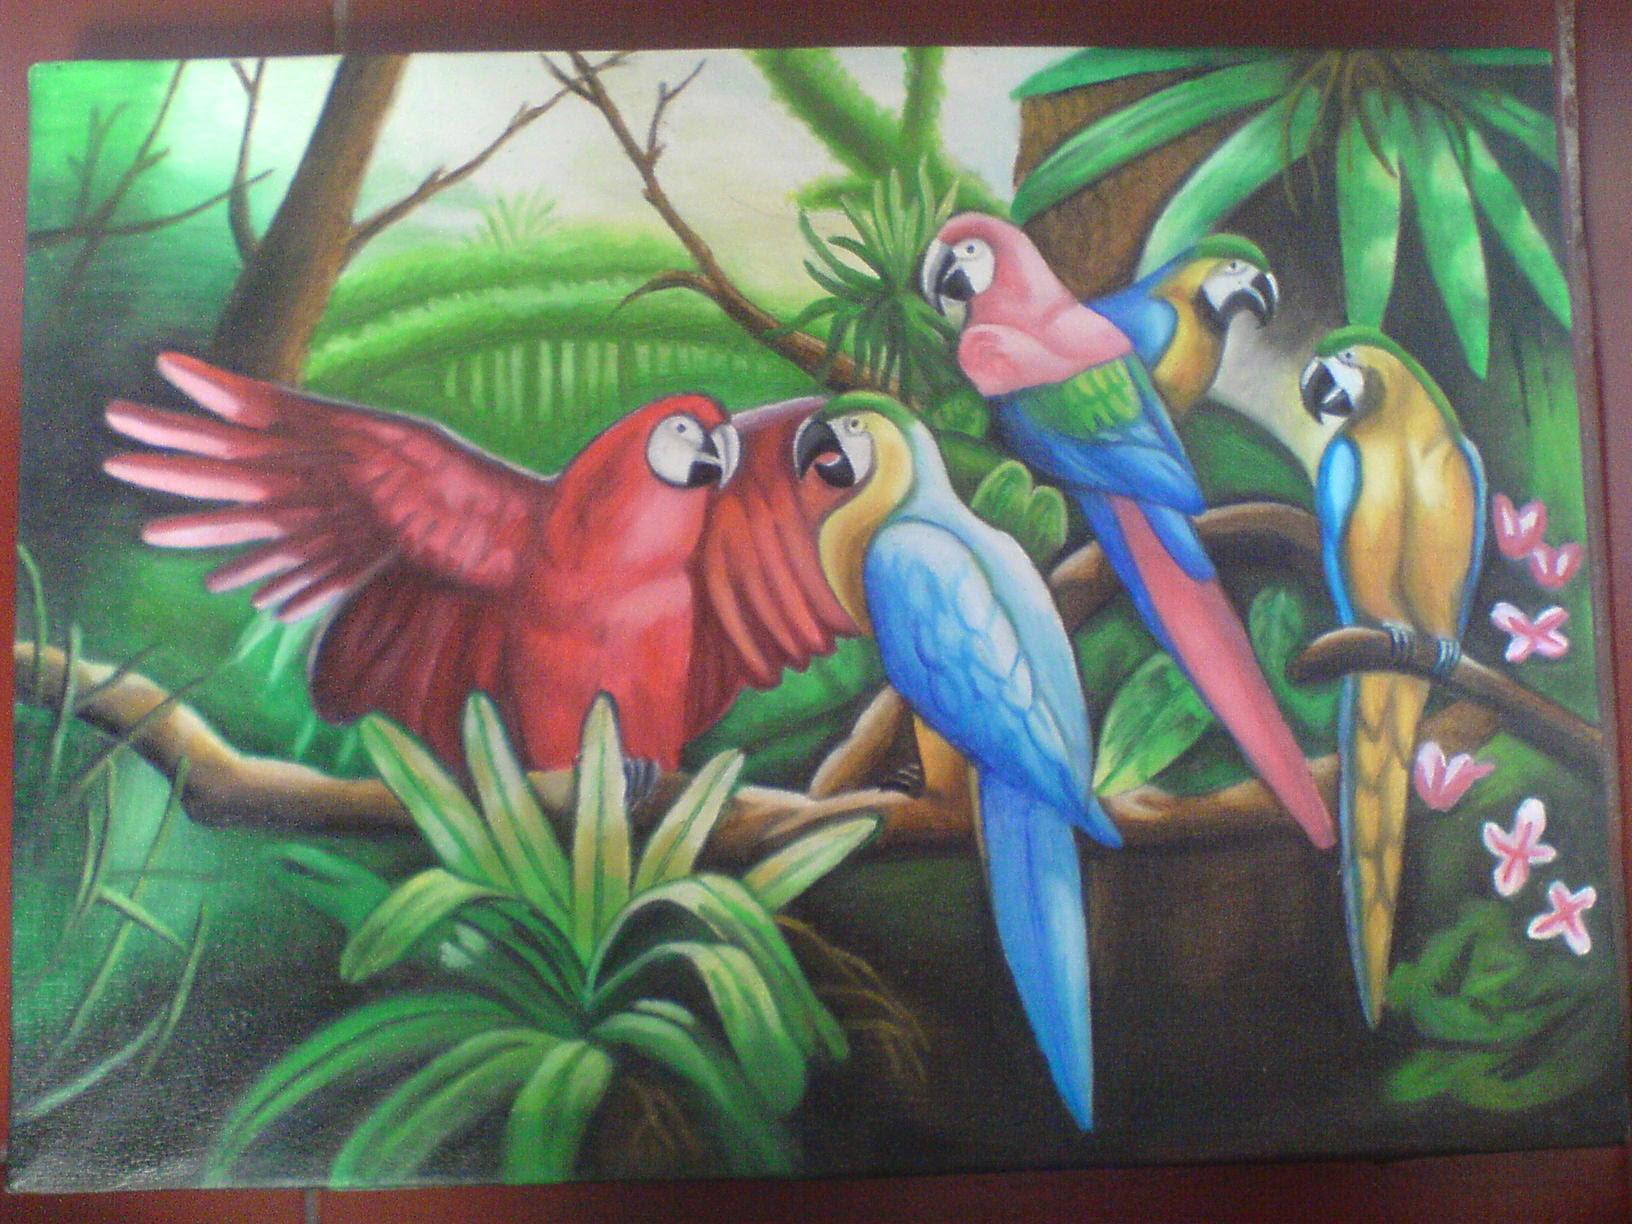 83 Gambar Pemandangan Flora Dan Fauna Kekinian